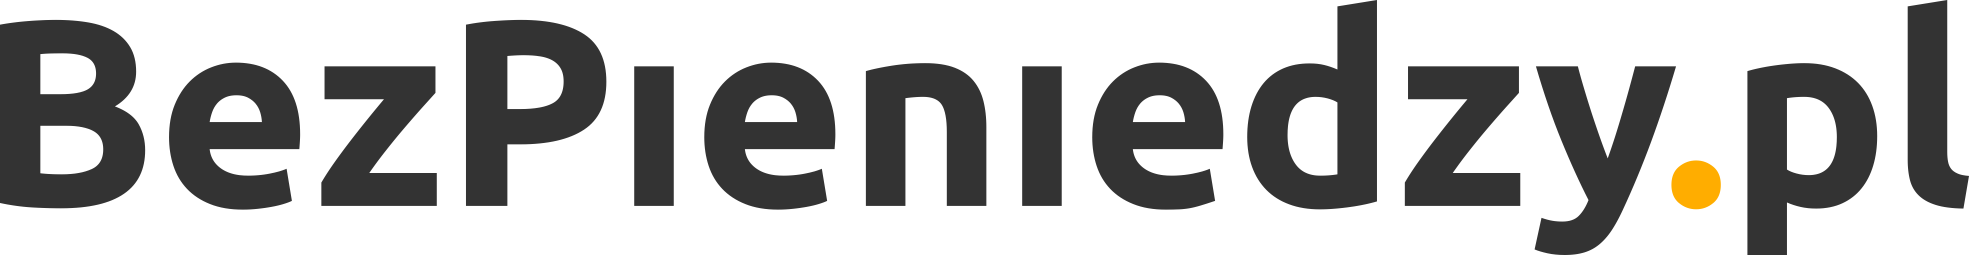 bez pieniedzy logo